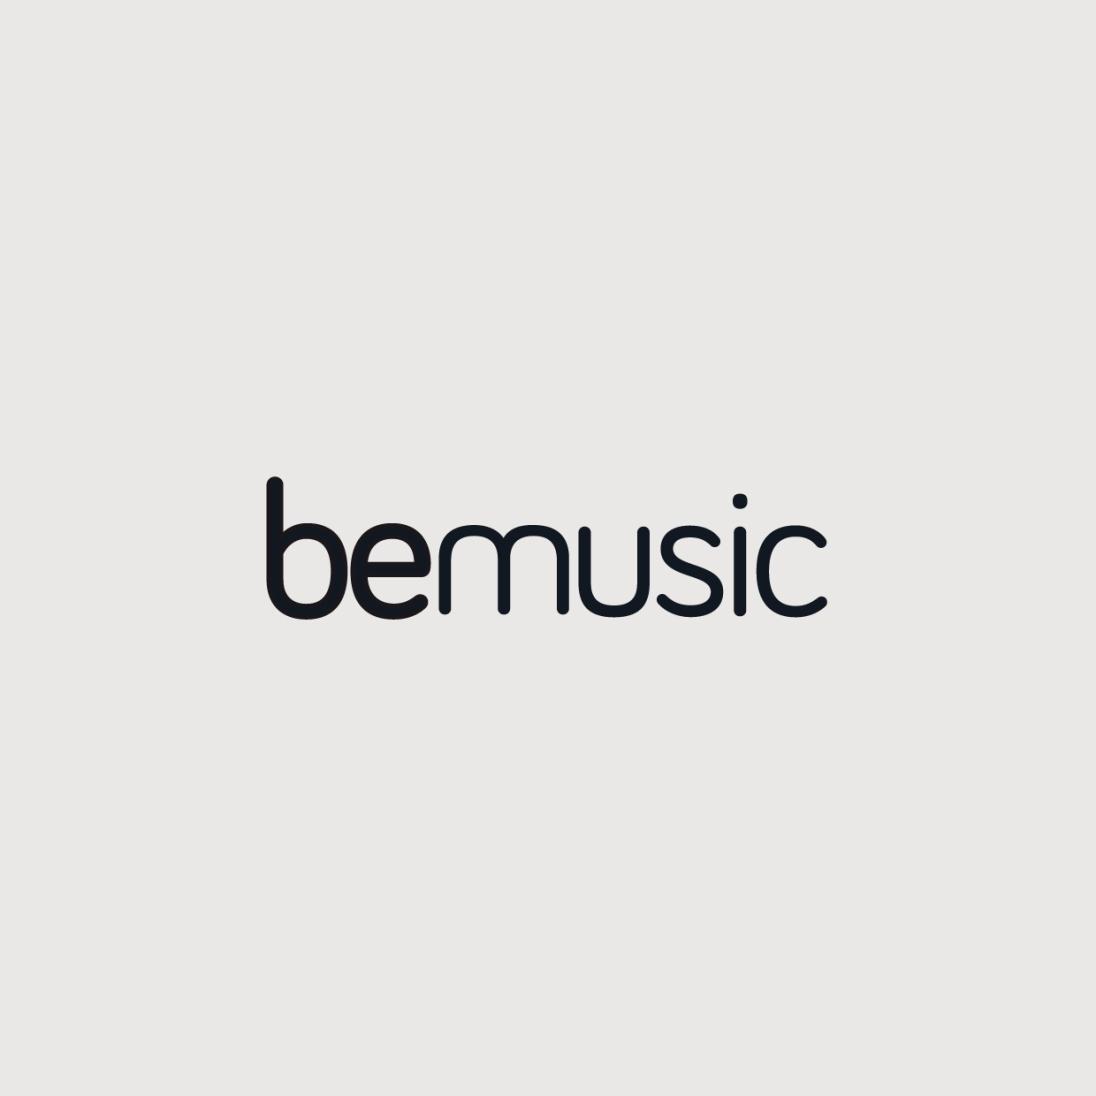 App bemusic